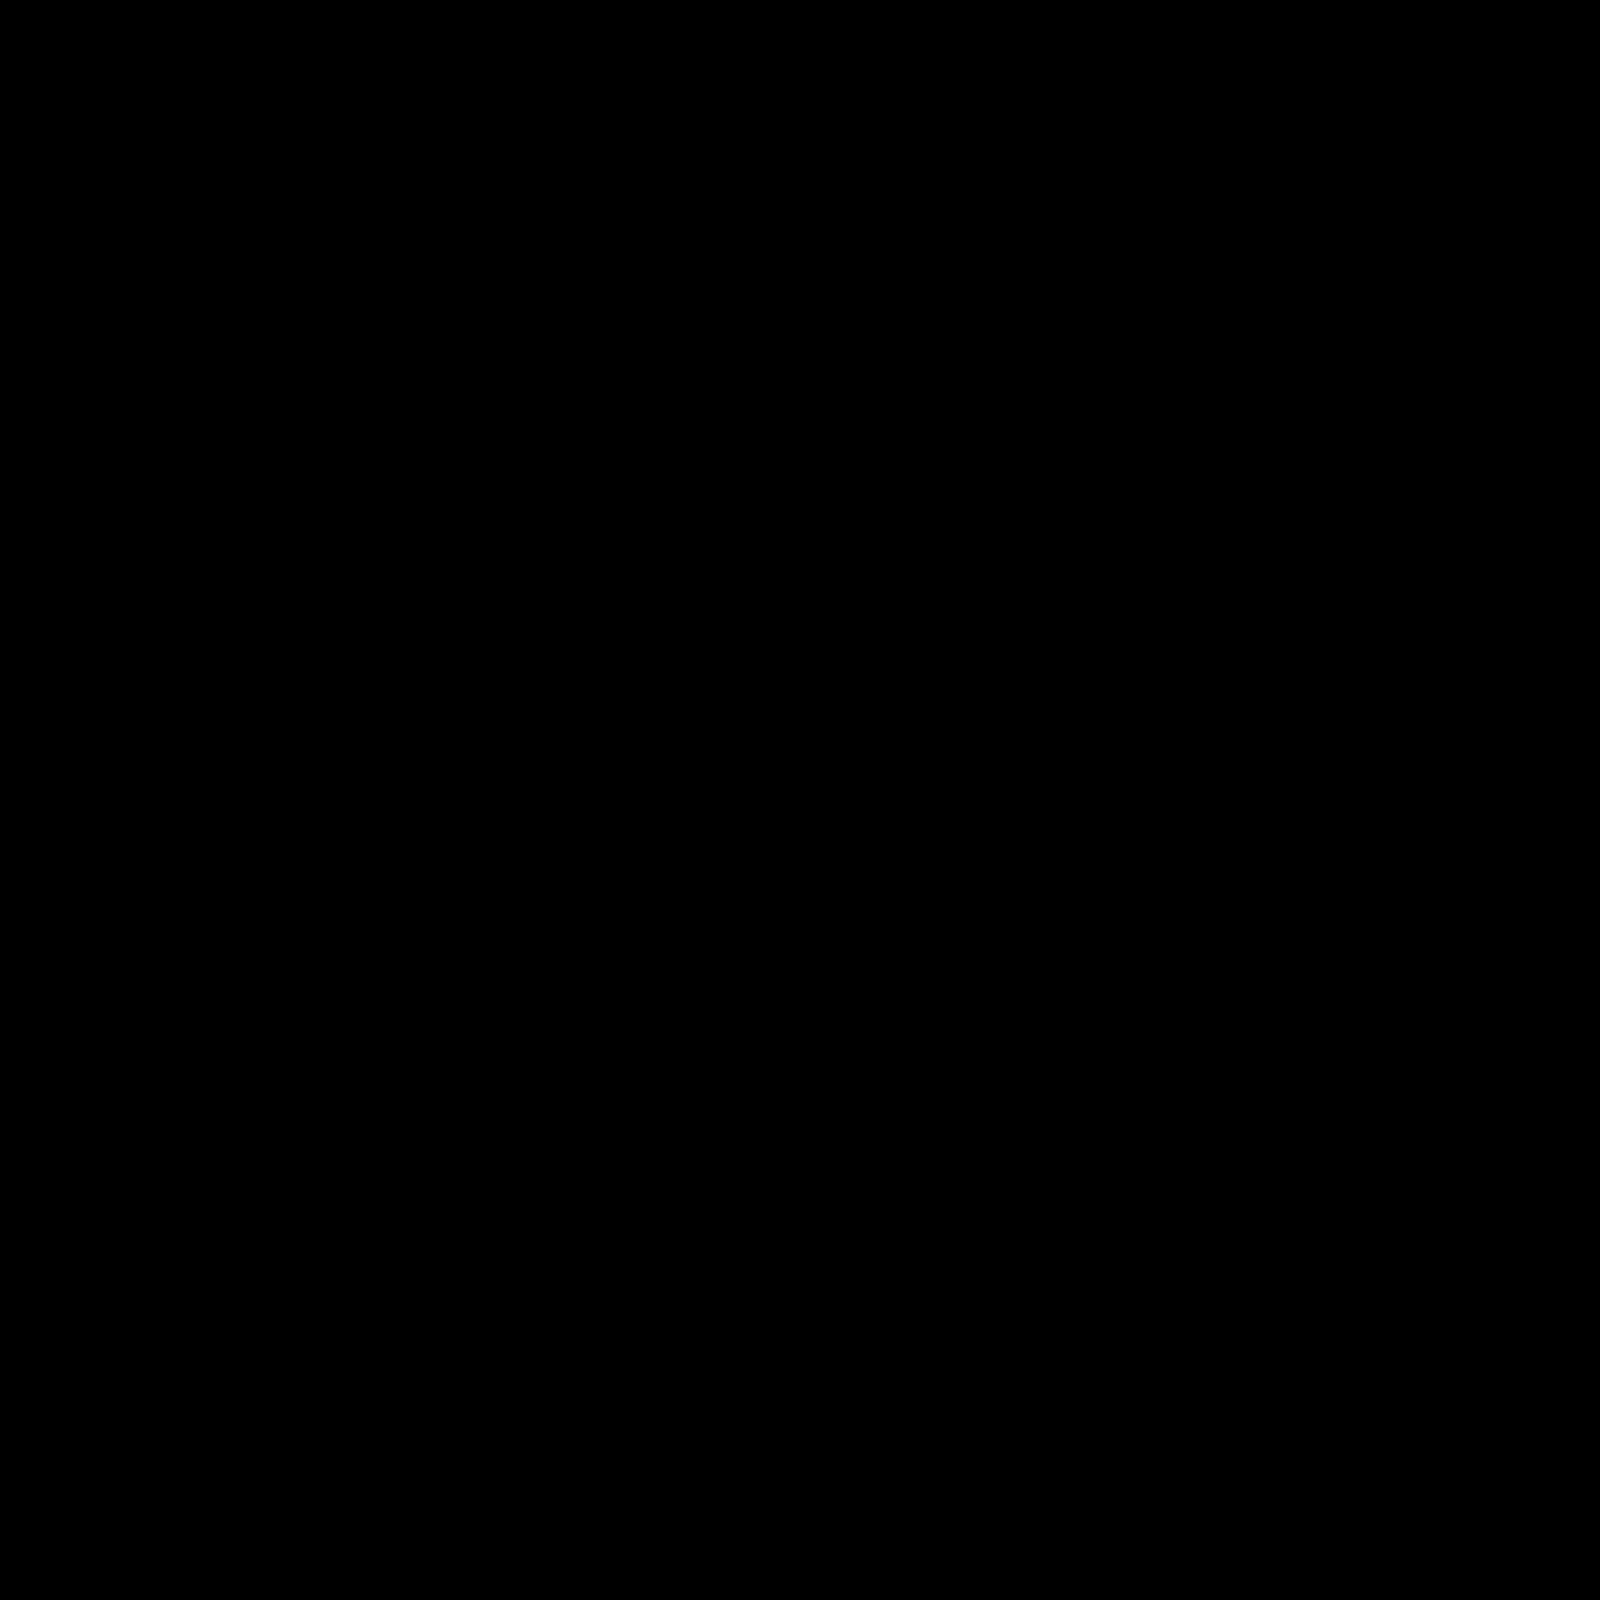 Świnia icon